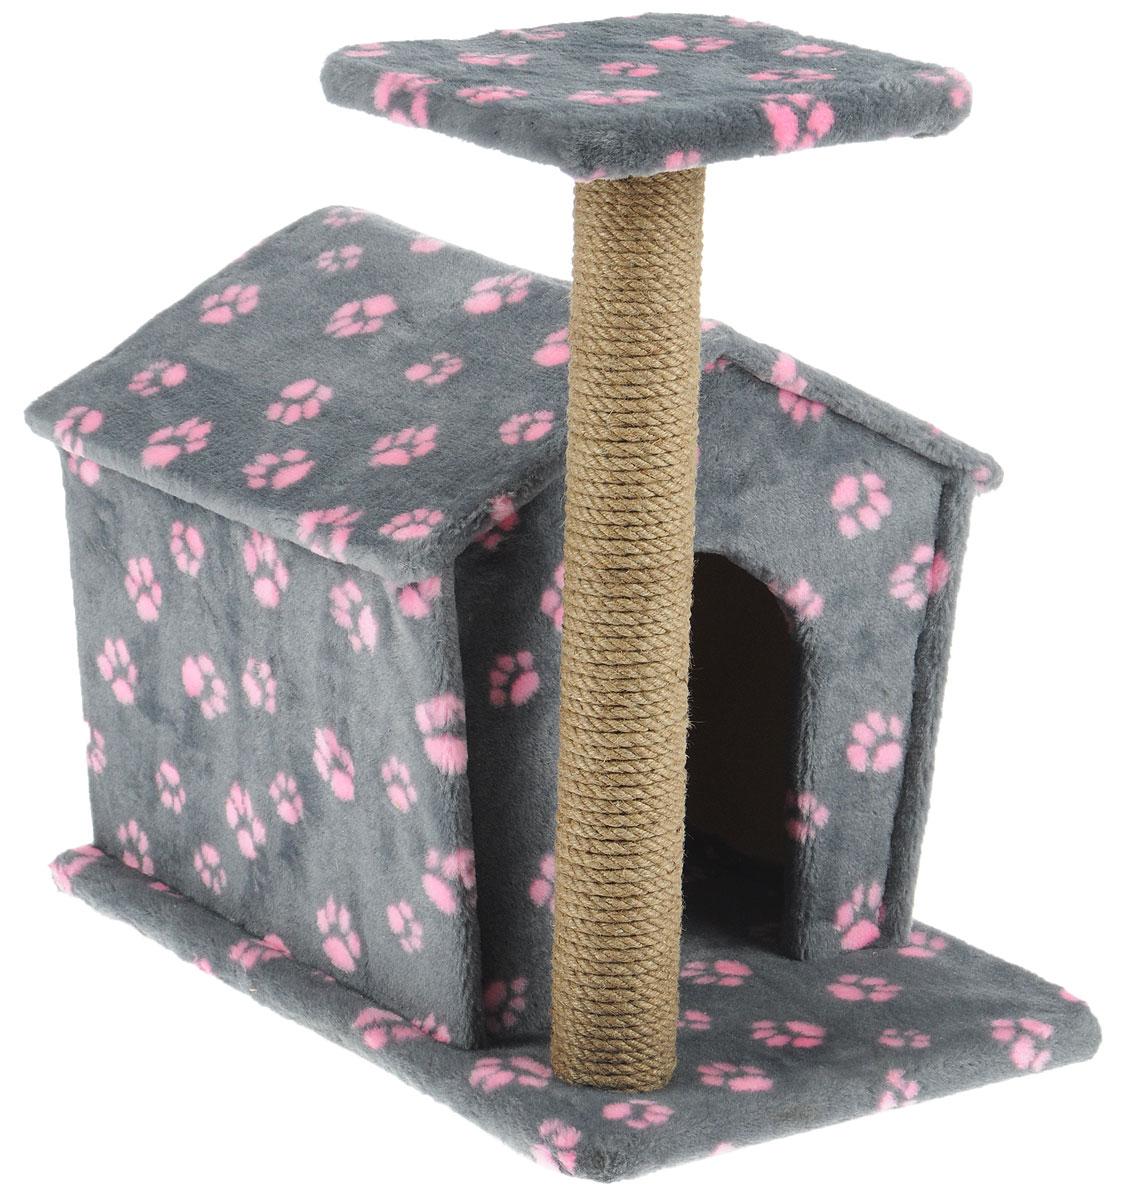 Игровой комплекс для кошек Меридиан Изба, с когтеточкой и домиком, цвет: серый, розовый, бежевый, 50 х 35 х 54 смWD2003Игровой комплекс Меридиан Изба выполнен из высококачественного ДВП и ДСП и обтянут искусственным мехом. Изделие предназначено для кошек. Ваш домашний питомец будет с удовольствием точить когти о специальный столбик, изготовленный из джута. А отдохнуть она сможет либо на площадке, находящейся наверху столбика, либо в расположенном внизу домике.Общий размер: 50 х 35 х 54 см.Размер домика: 40 х 36 х 36 см.Размер площадки: 24 х 24 см.